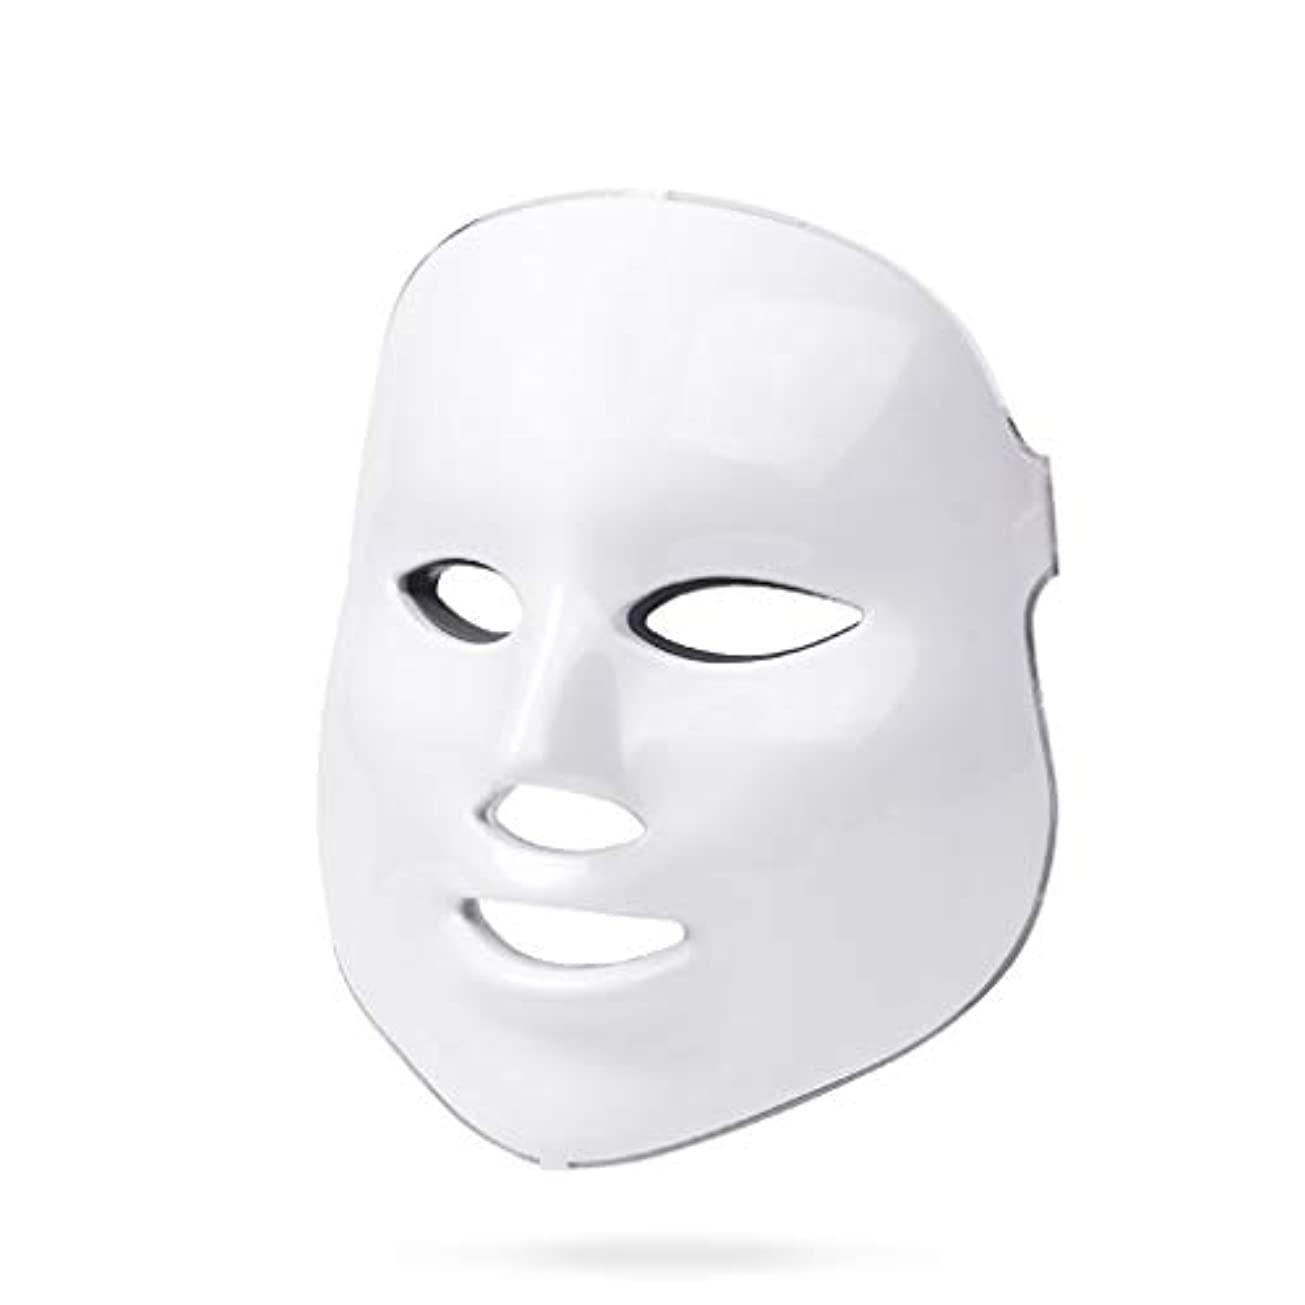 ブラインドジャム妖精ライトセラピー?マスク、ライトセラピーは調色、しわ、アクネホワイトニングマスクフェイシャルマスクセラピー7色のアンチエイジングスキンケアライトセラピーにきびを率いにきび治療をマスク (Color : White)